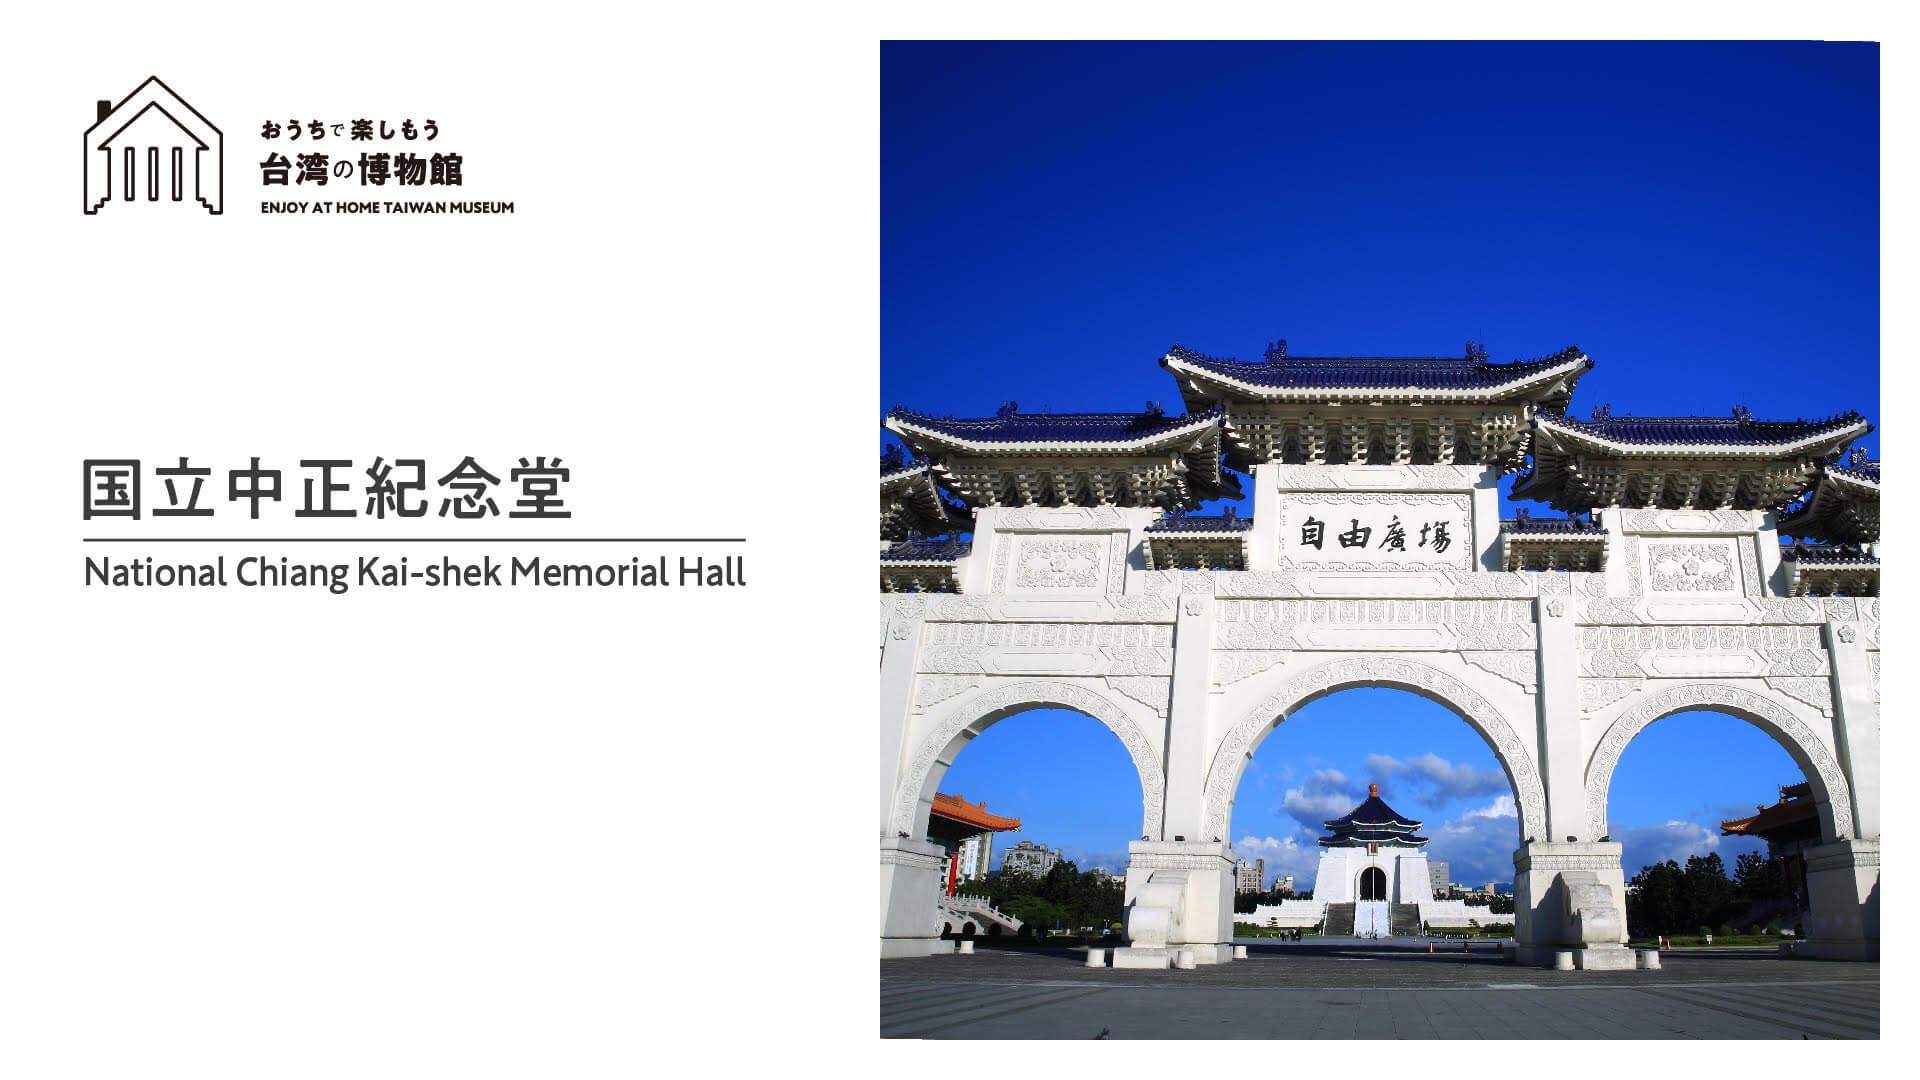 SNET台湾チャンネル『おうちで楽しもう台湾の博物館』第4回 国立中正紀念堂 配信